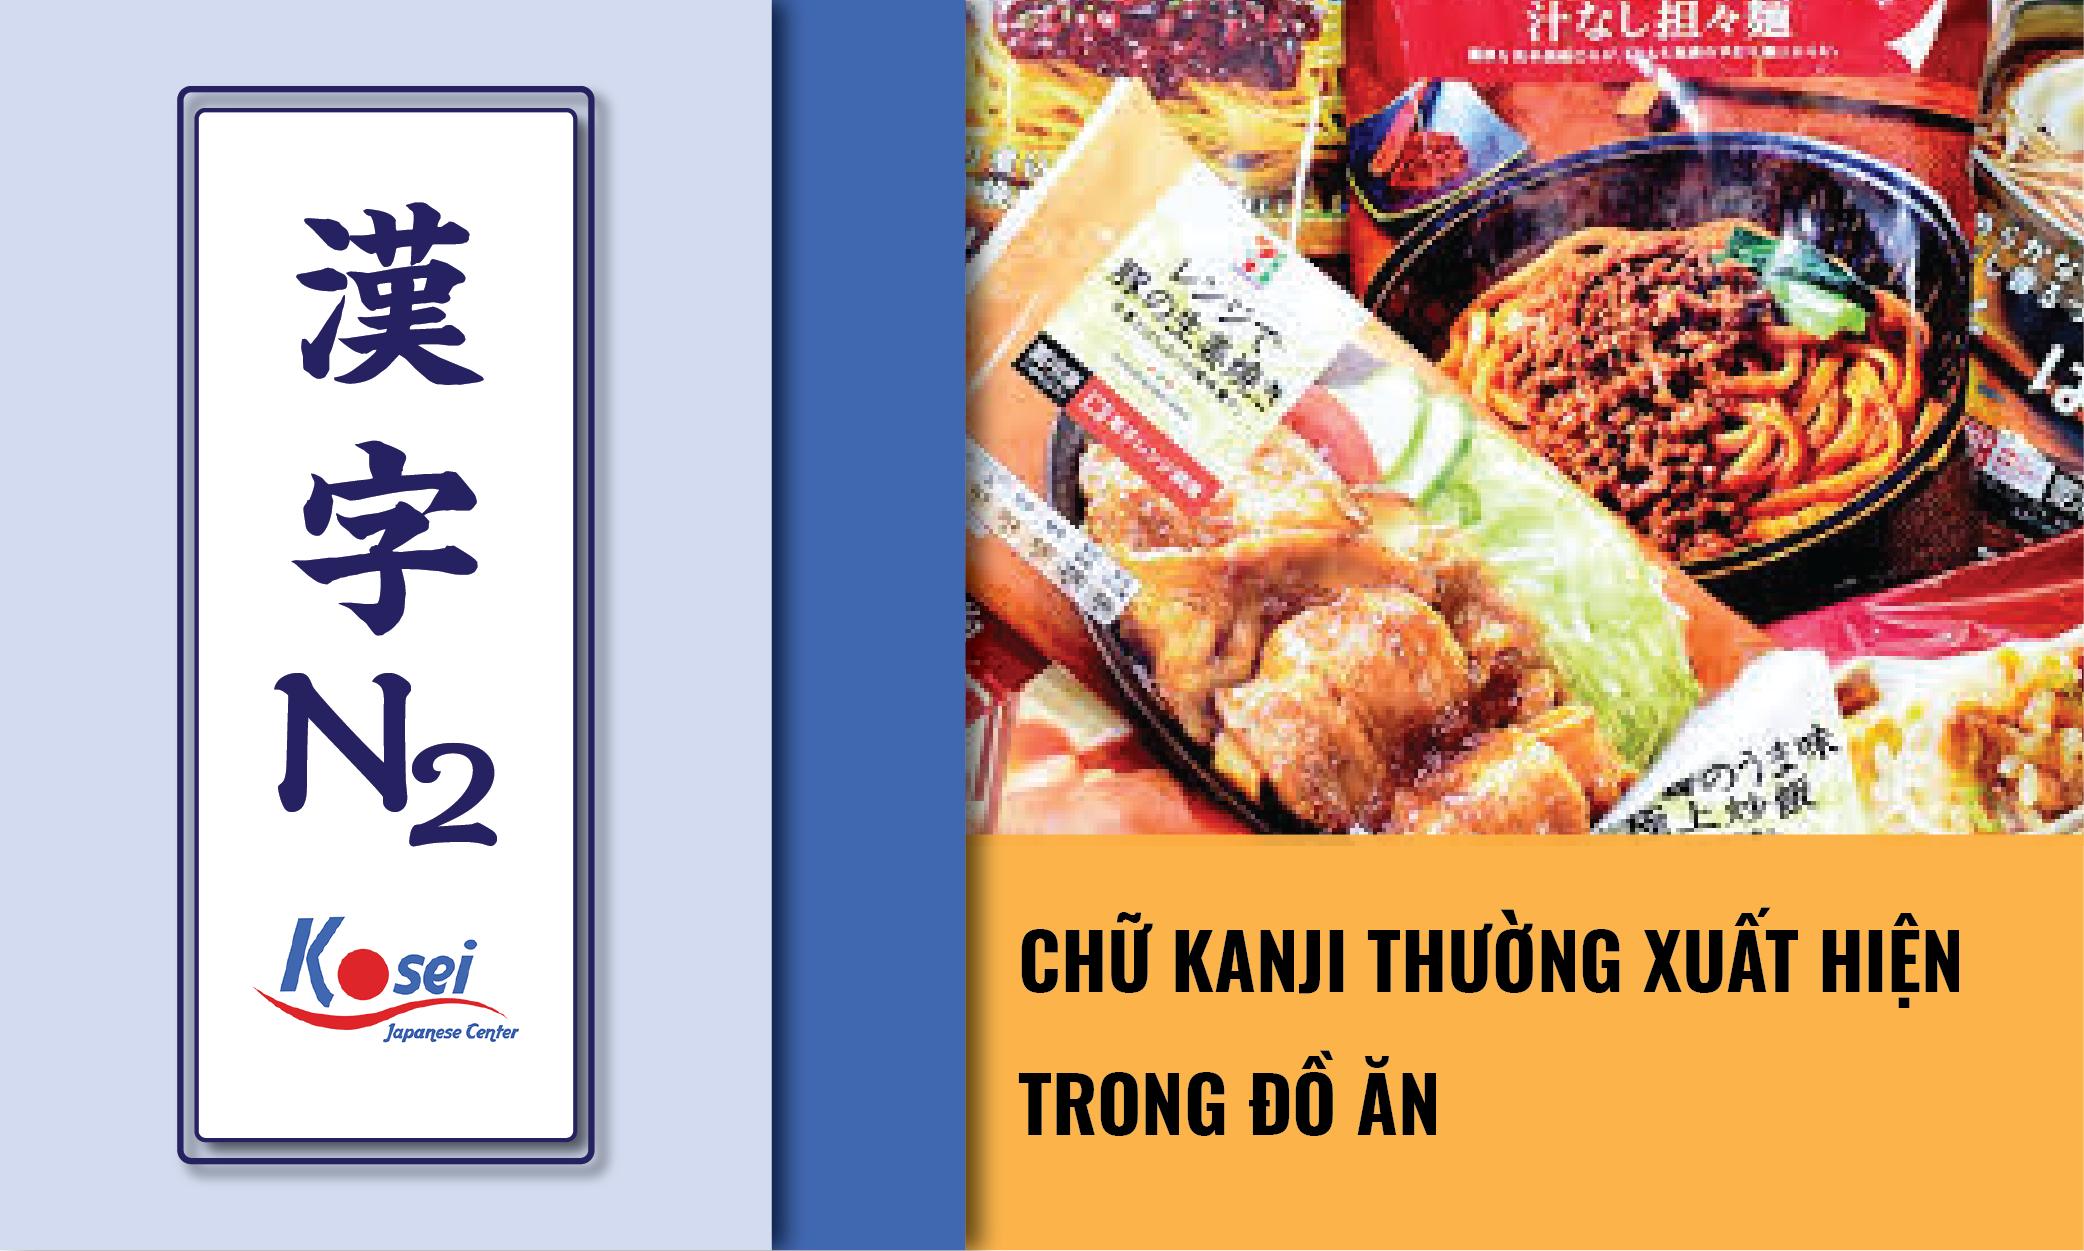 (Tổng hợp) Kanji N2: Các Kanji liên quan đến đồ ăn